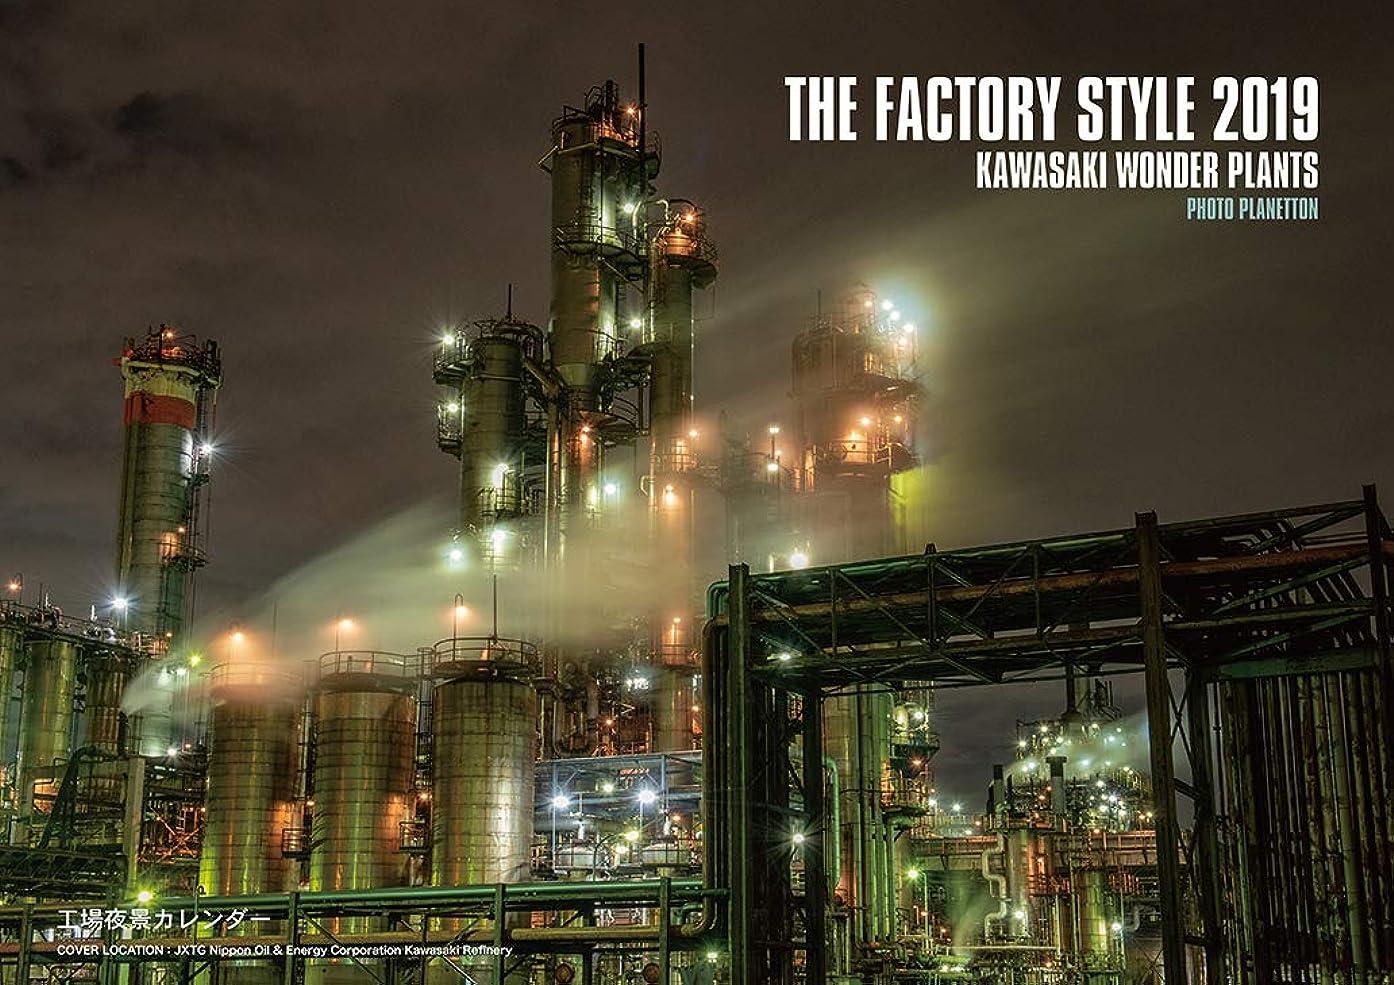 資本光ブルジョン【壁掛け版】2019年 工場夜景カレンダー「THE FACTORY STYLE 2019 -KAWASAKI WONDER PLANTS-」